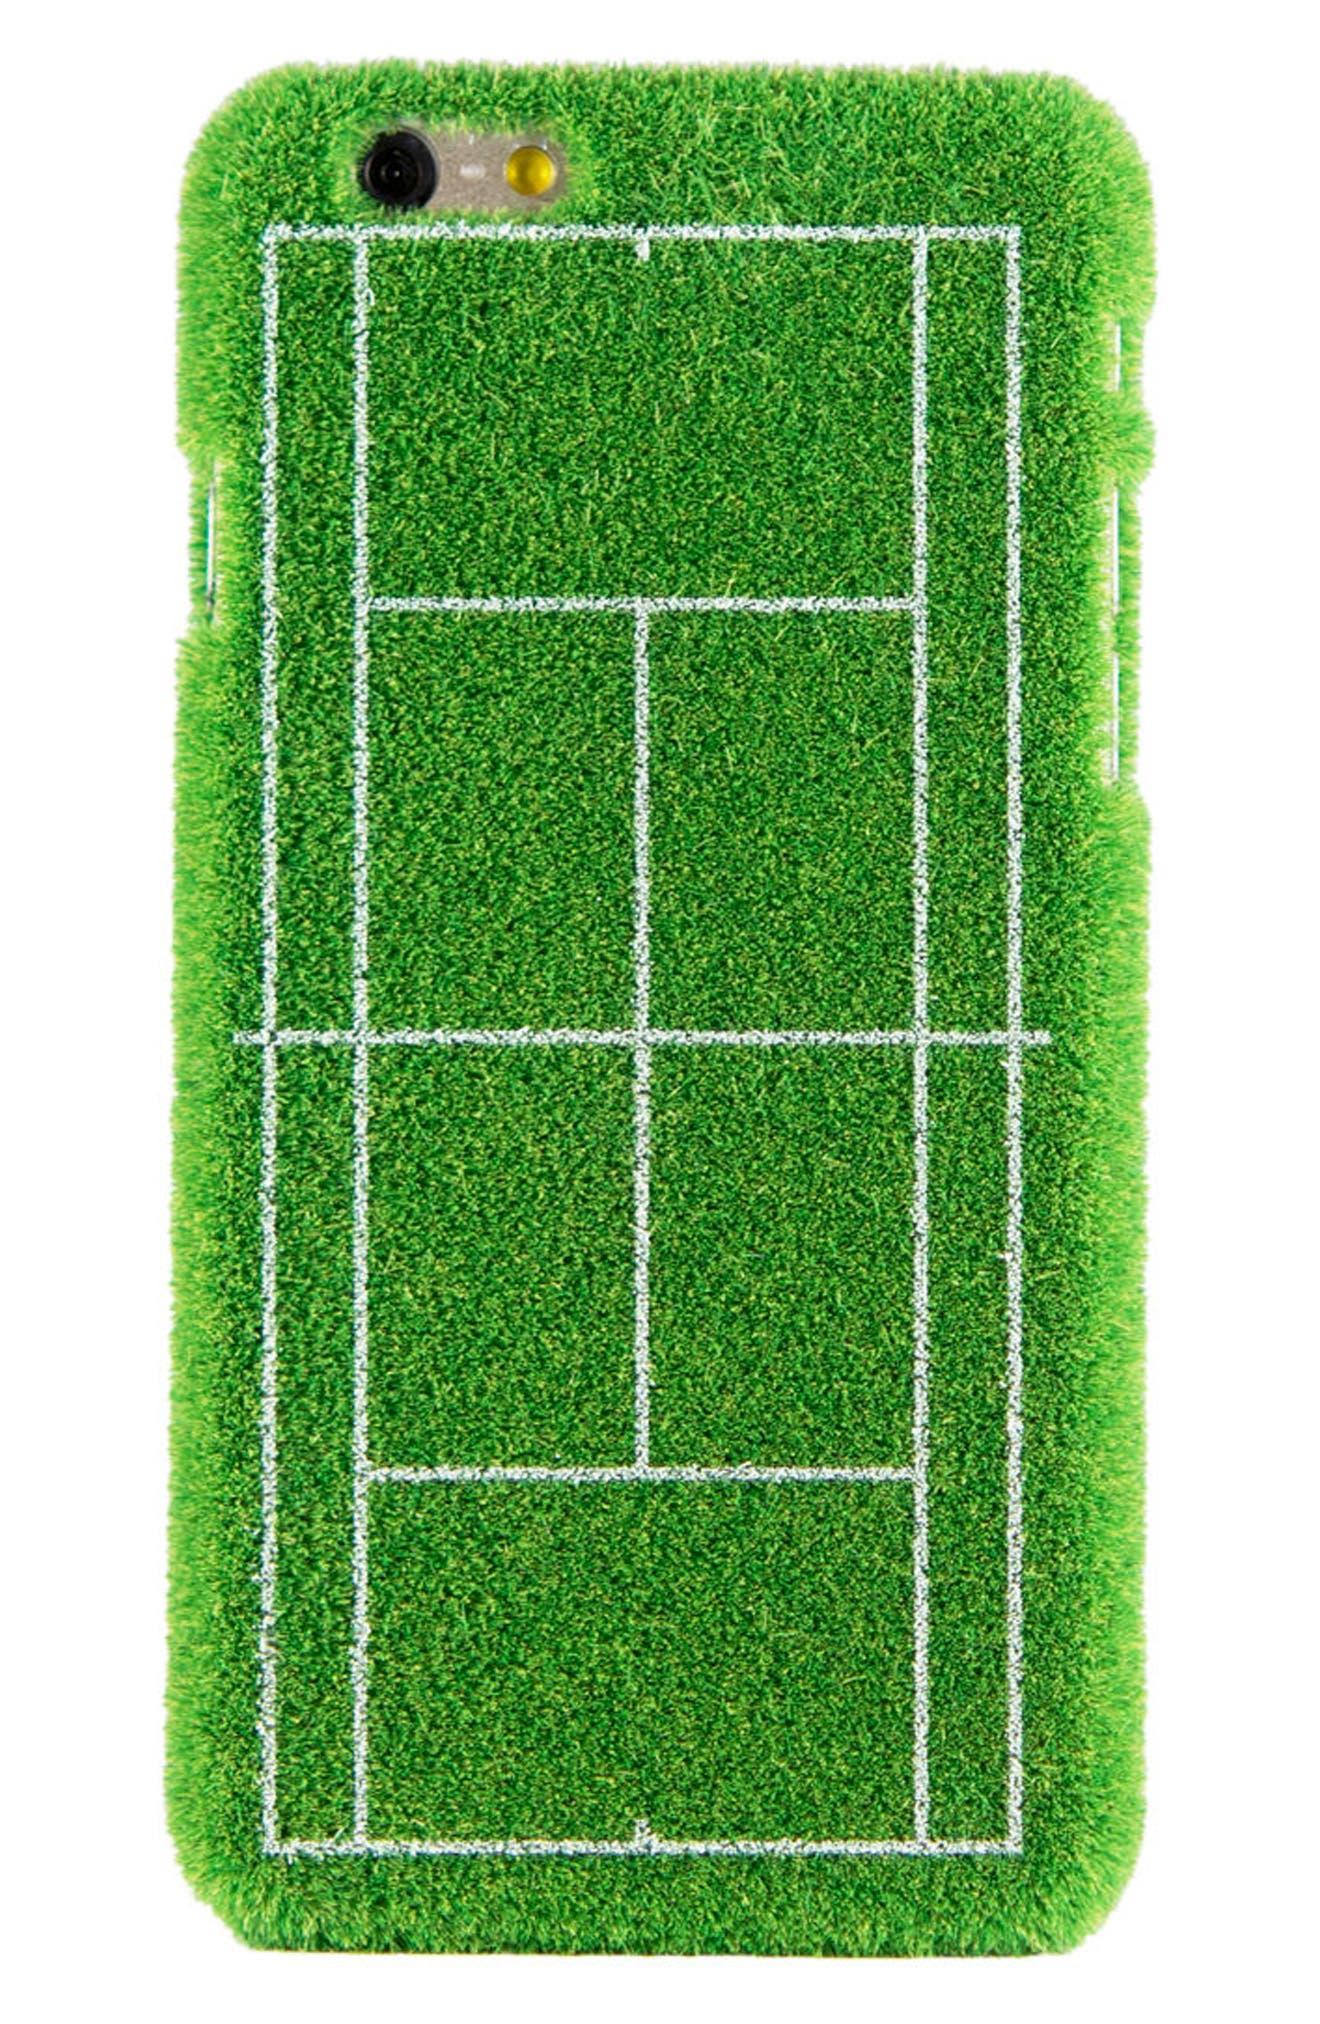 Grand Slam Portable Park iPhone 6/6s & 6/6s Plus Case,                             Alternate thumbnail 2, color,                             300